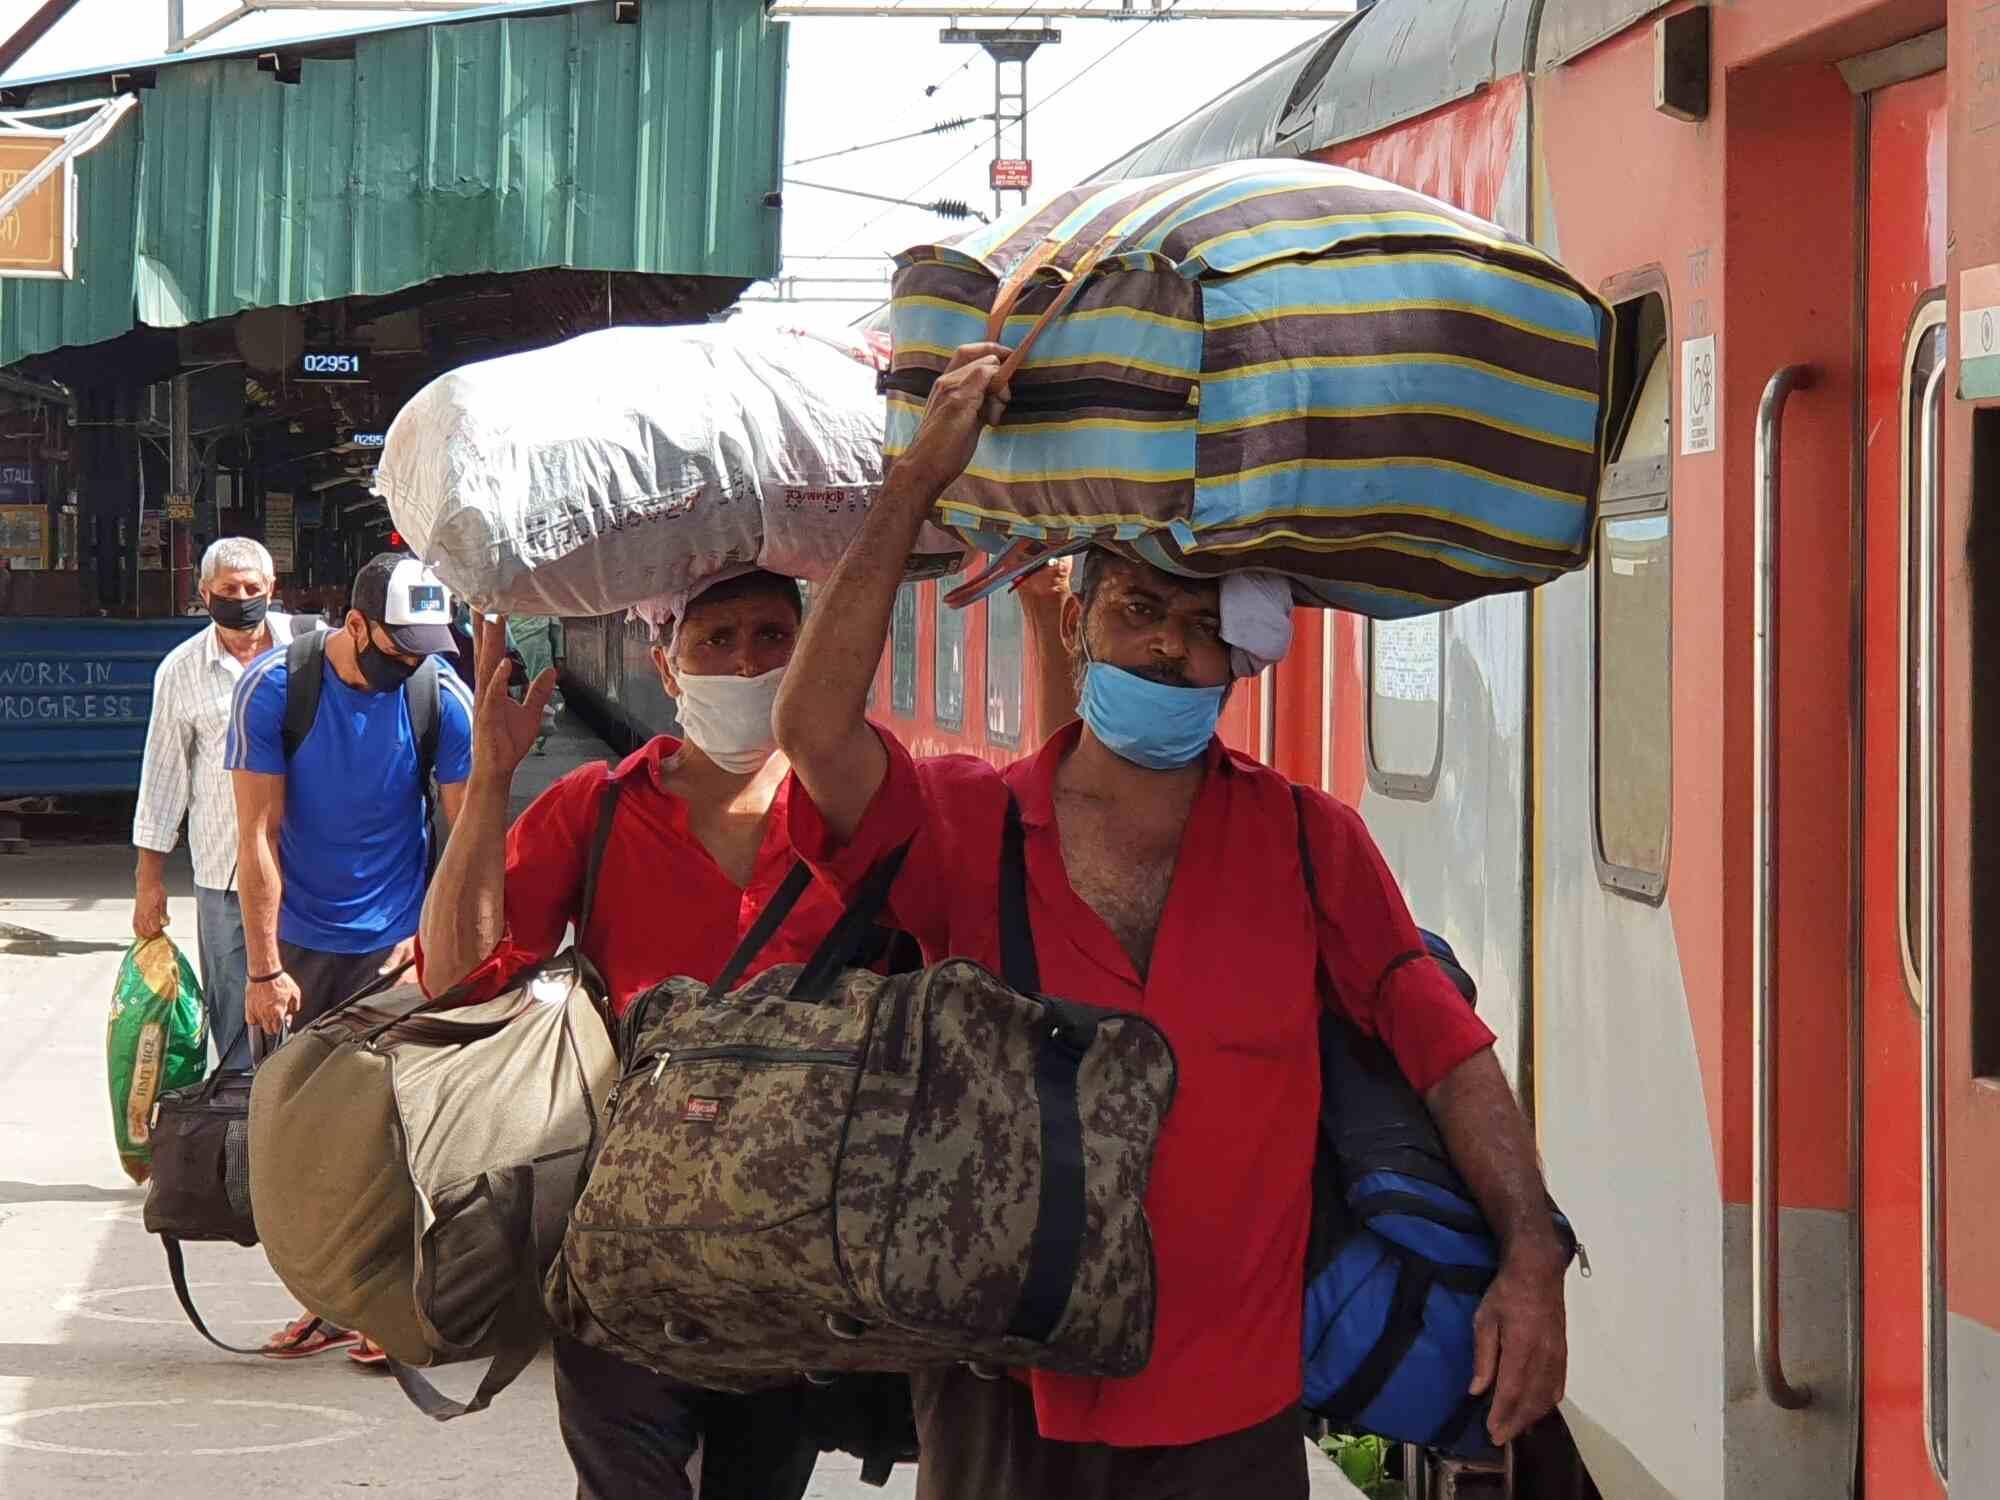 कोराना संक्रमण के बीच हजारों कुलियों की राह नहीं आसान, दिनभर में 200 रुपये की कमाई भी हुई मुश्किल